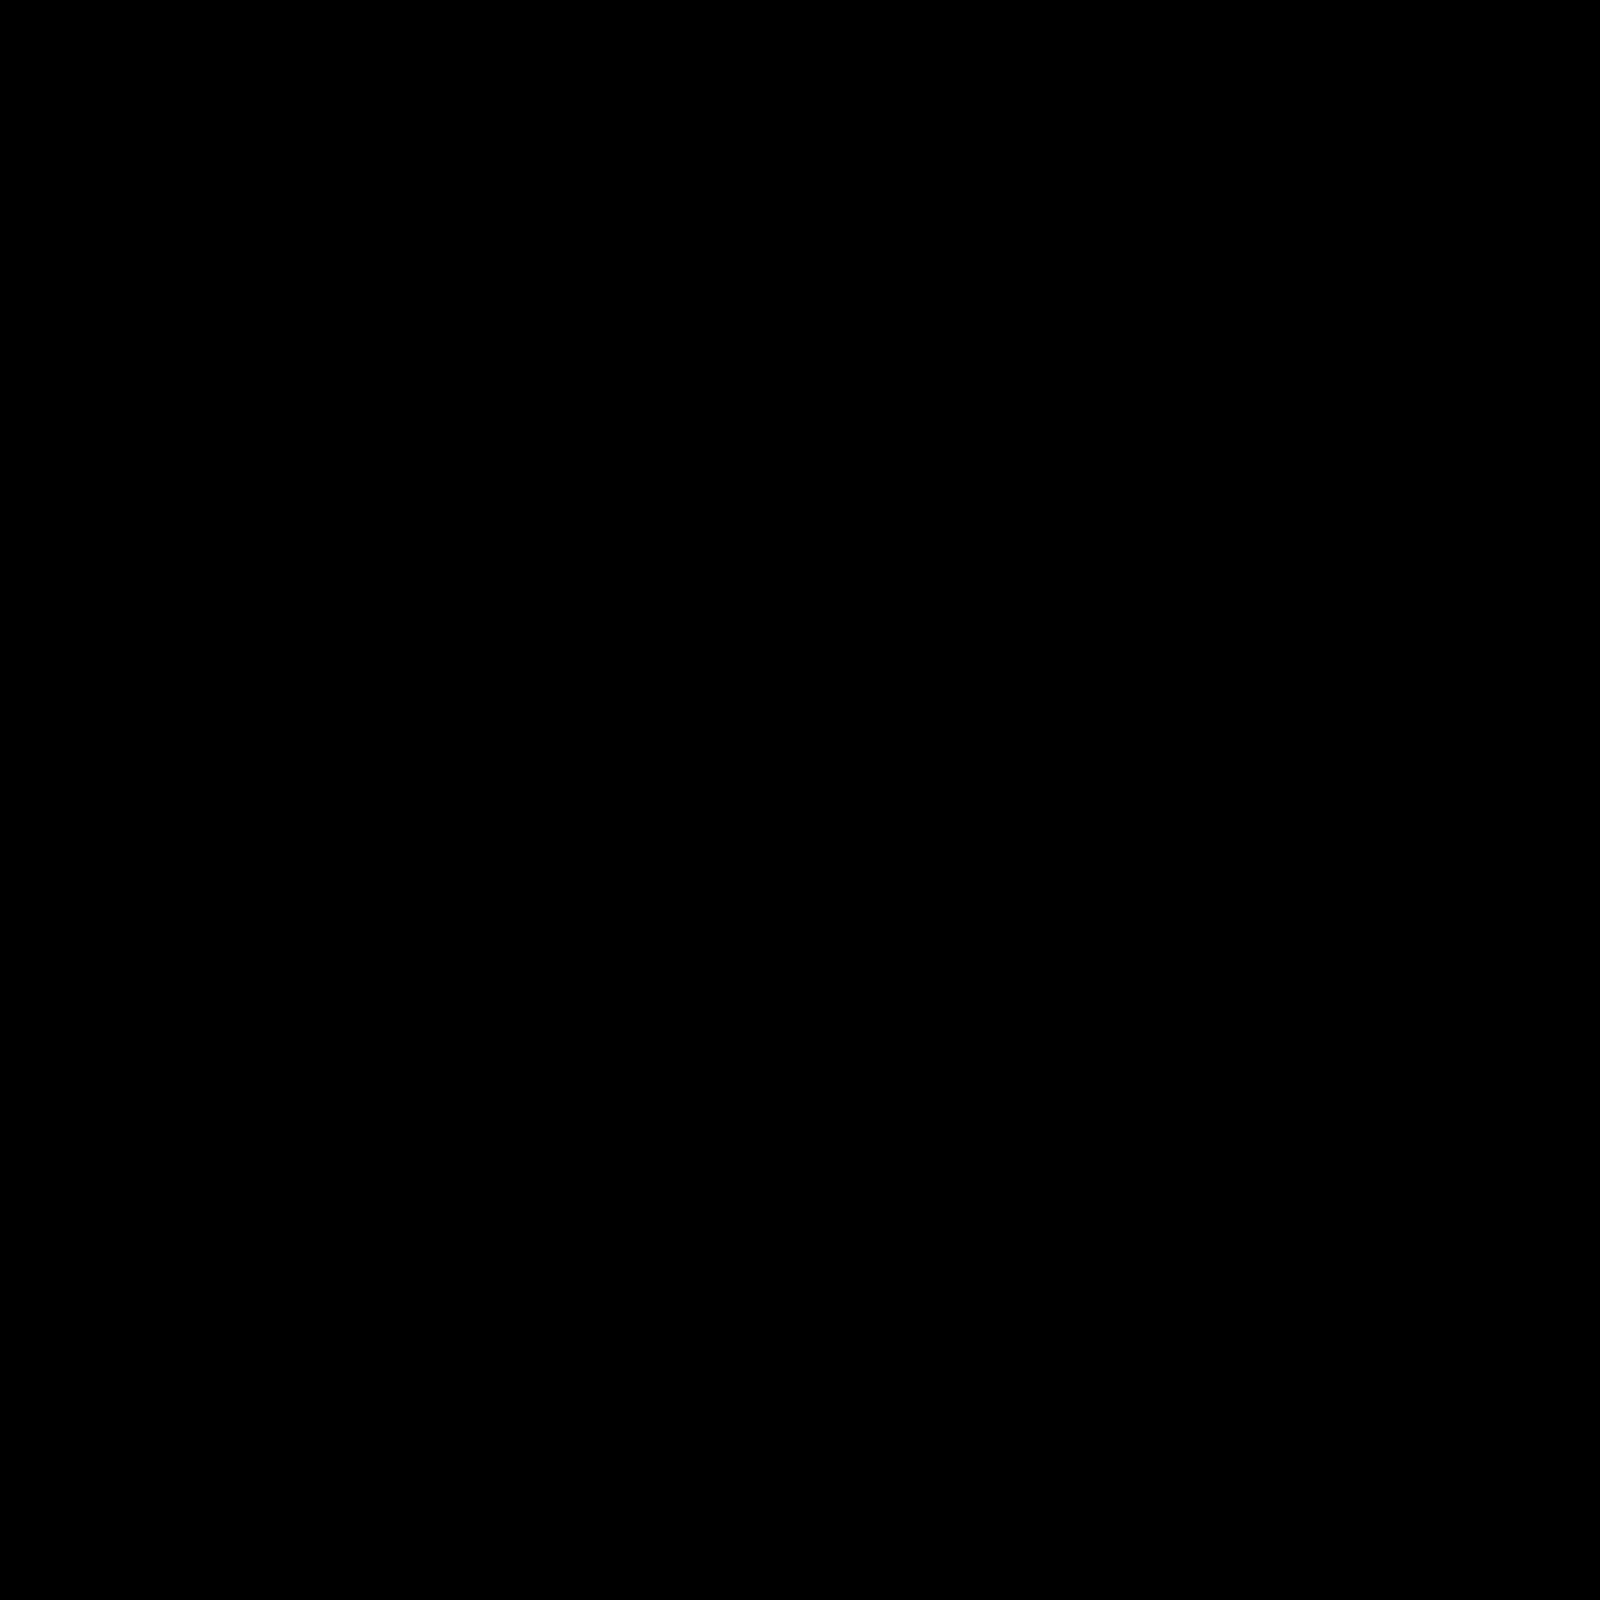 Słownik icon